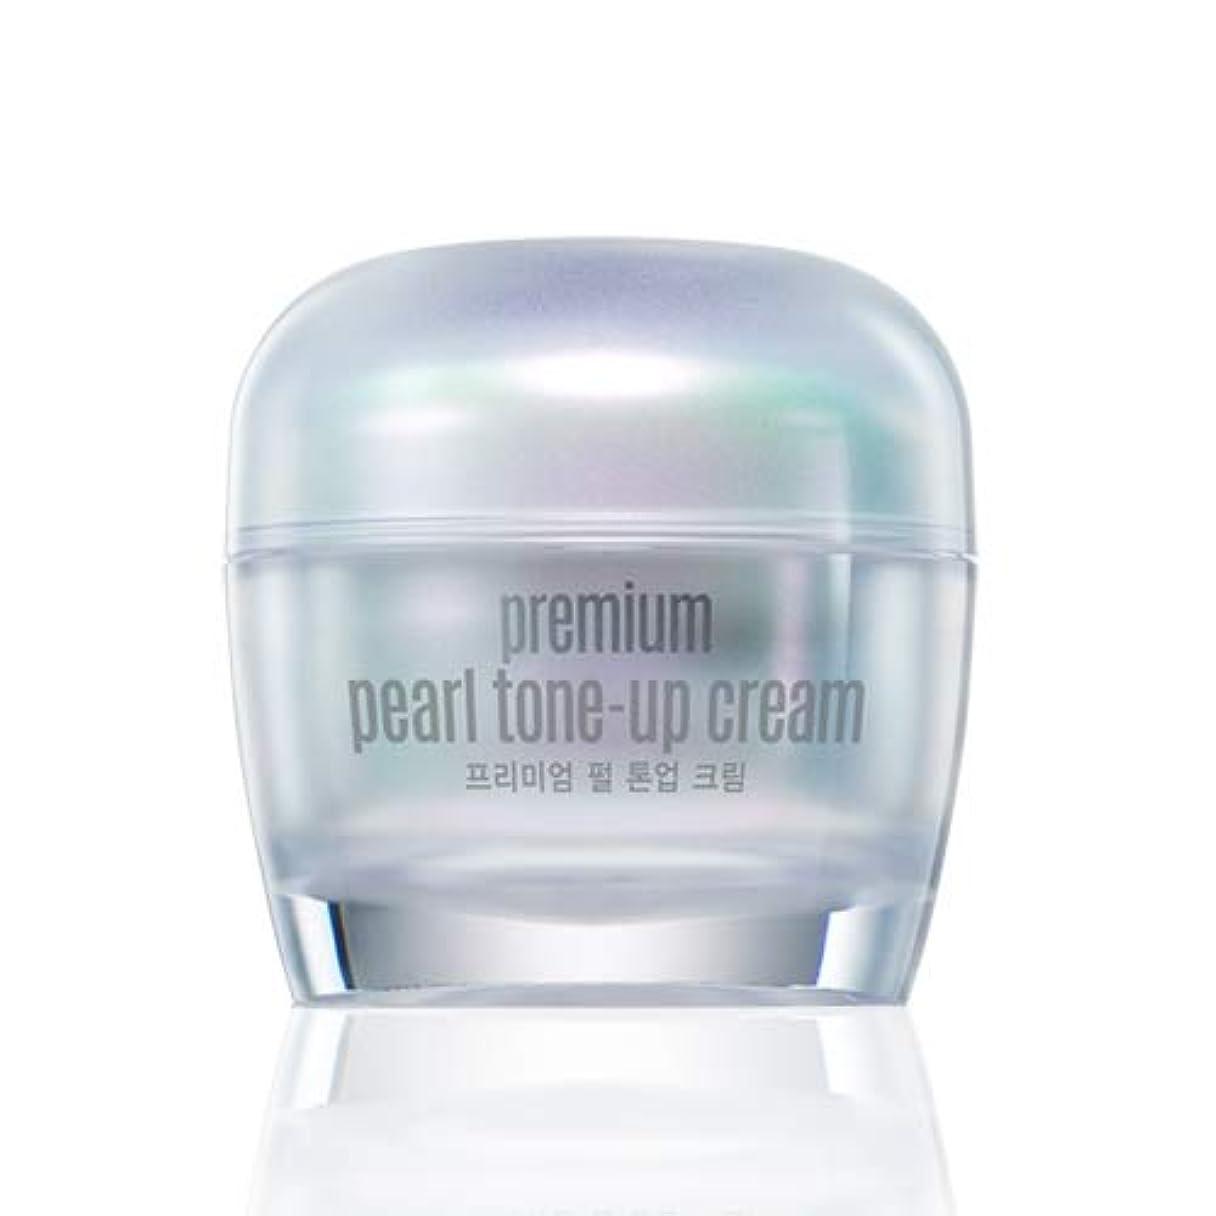 くびれた評価する火傷グーダル プレミアム パール トーンアップ クリーム50ml Goodal Premium Pearl Tone-up Cream [並行輸入品]